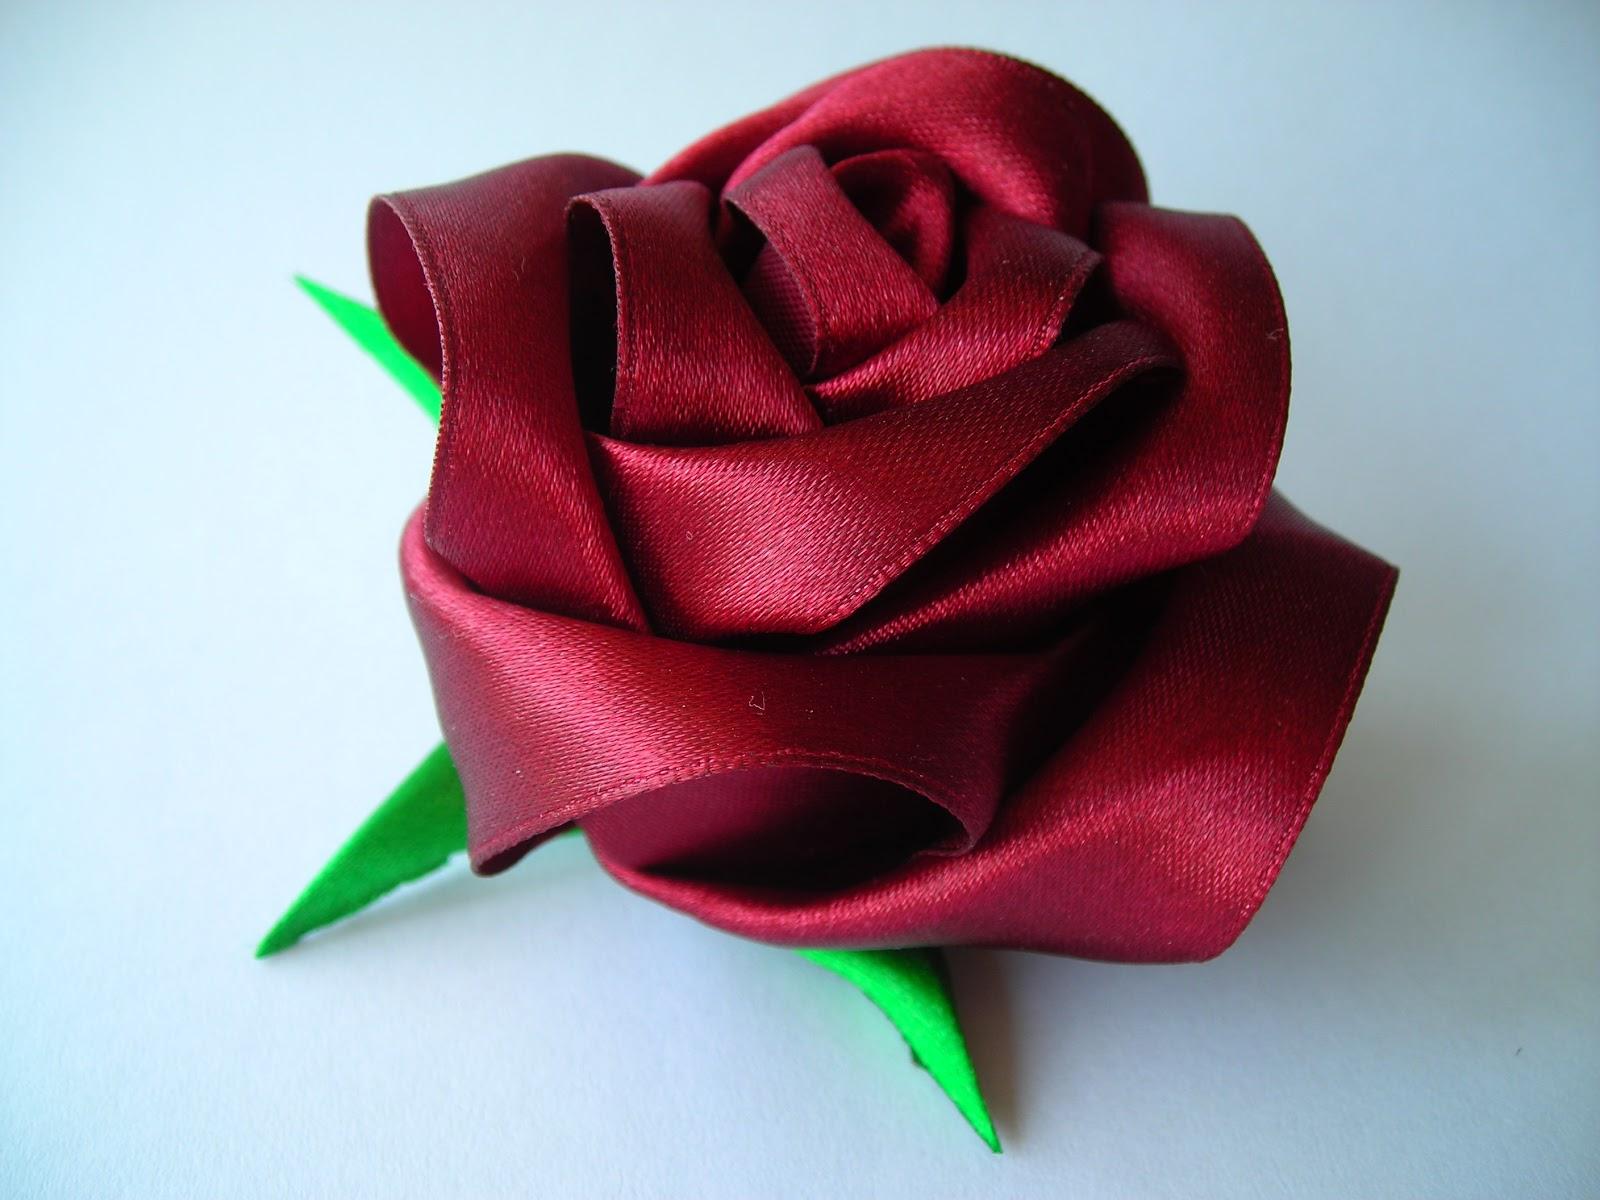 Цветок из ленты 2.5 см своими руками мастер класс видео